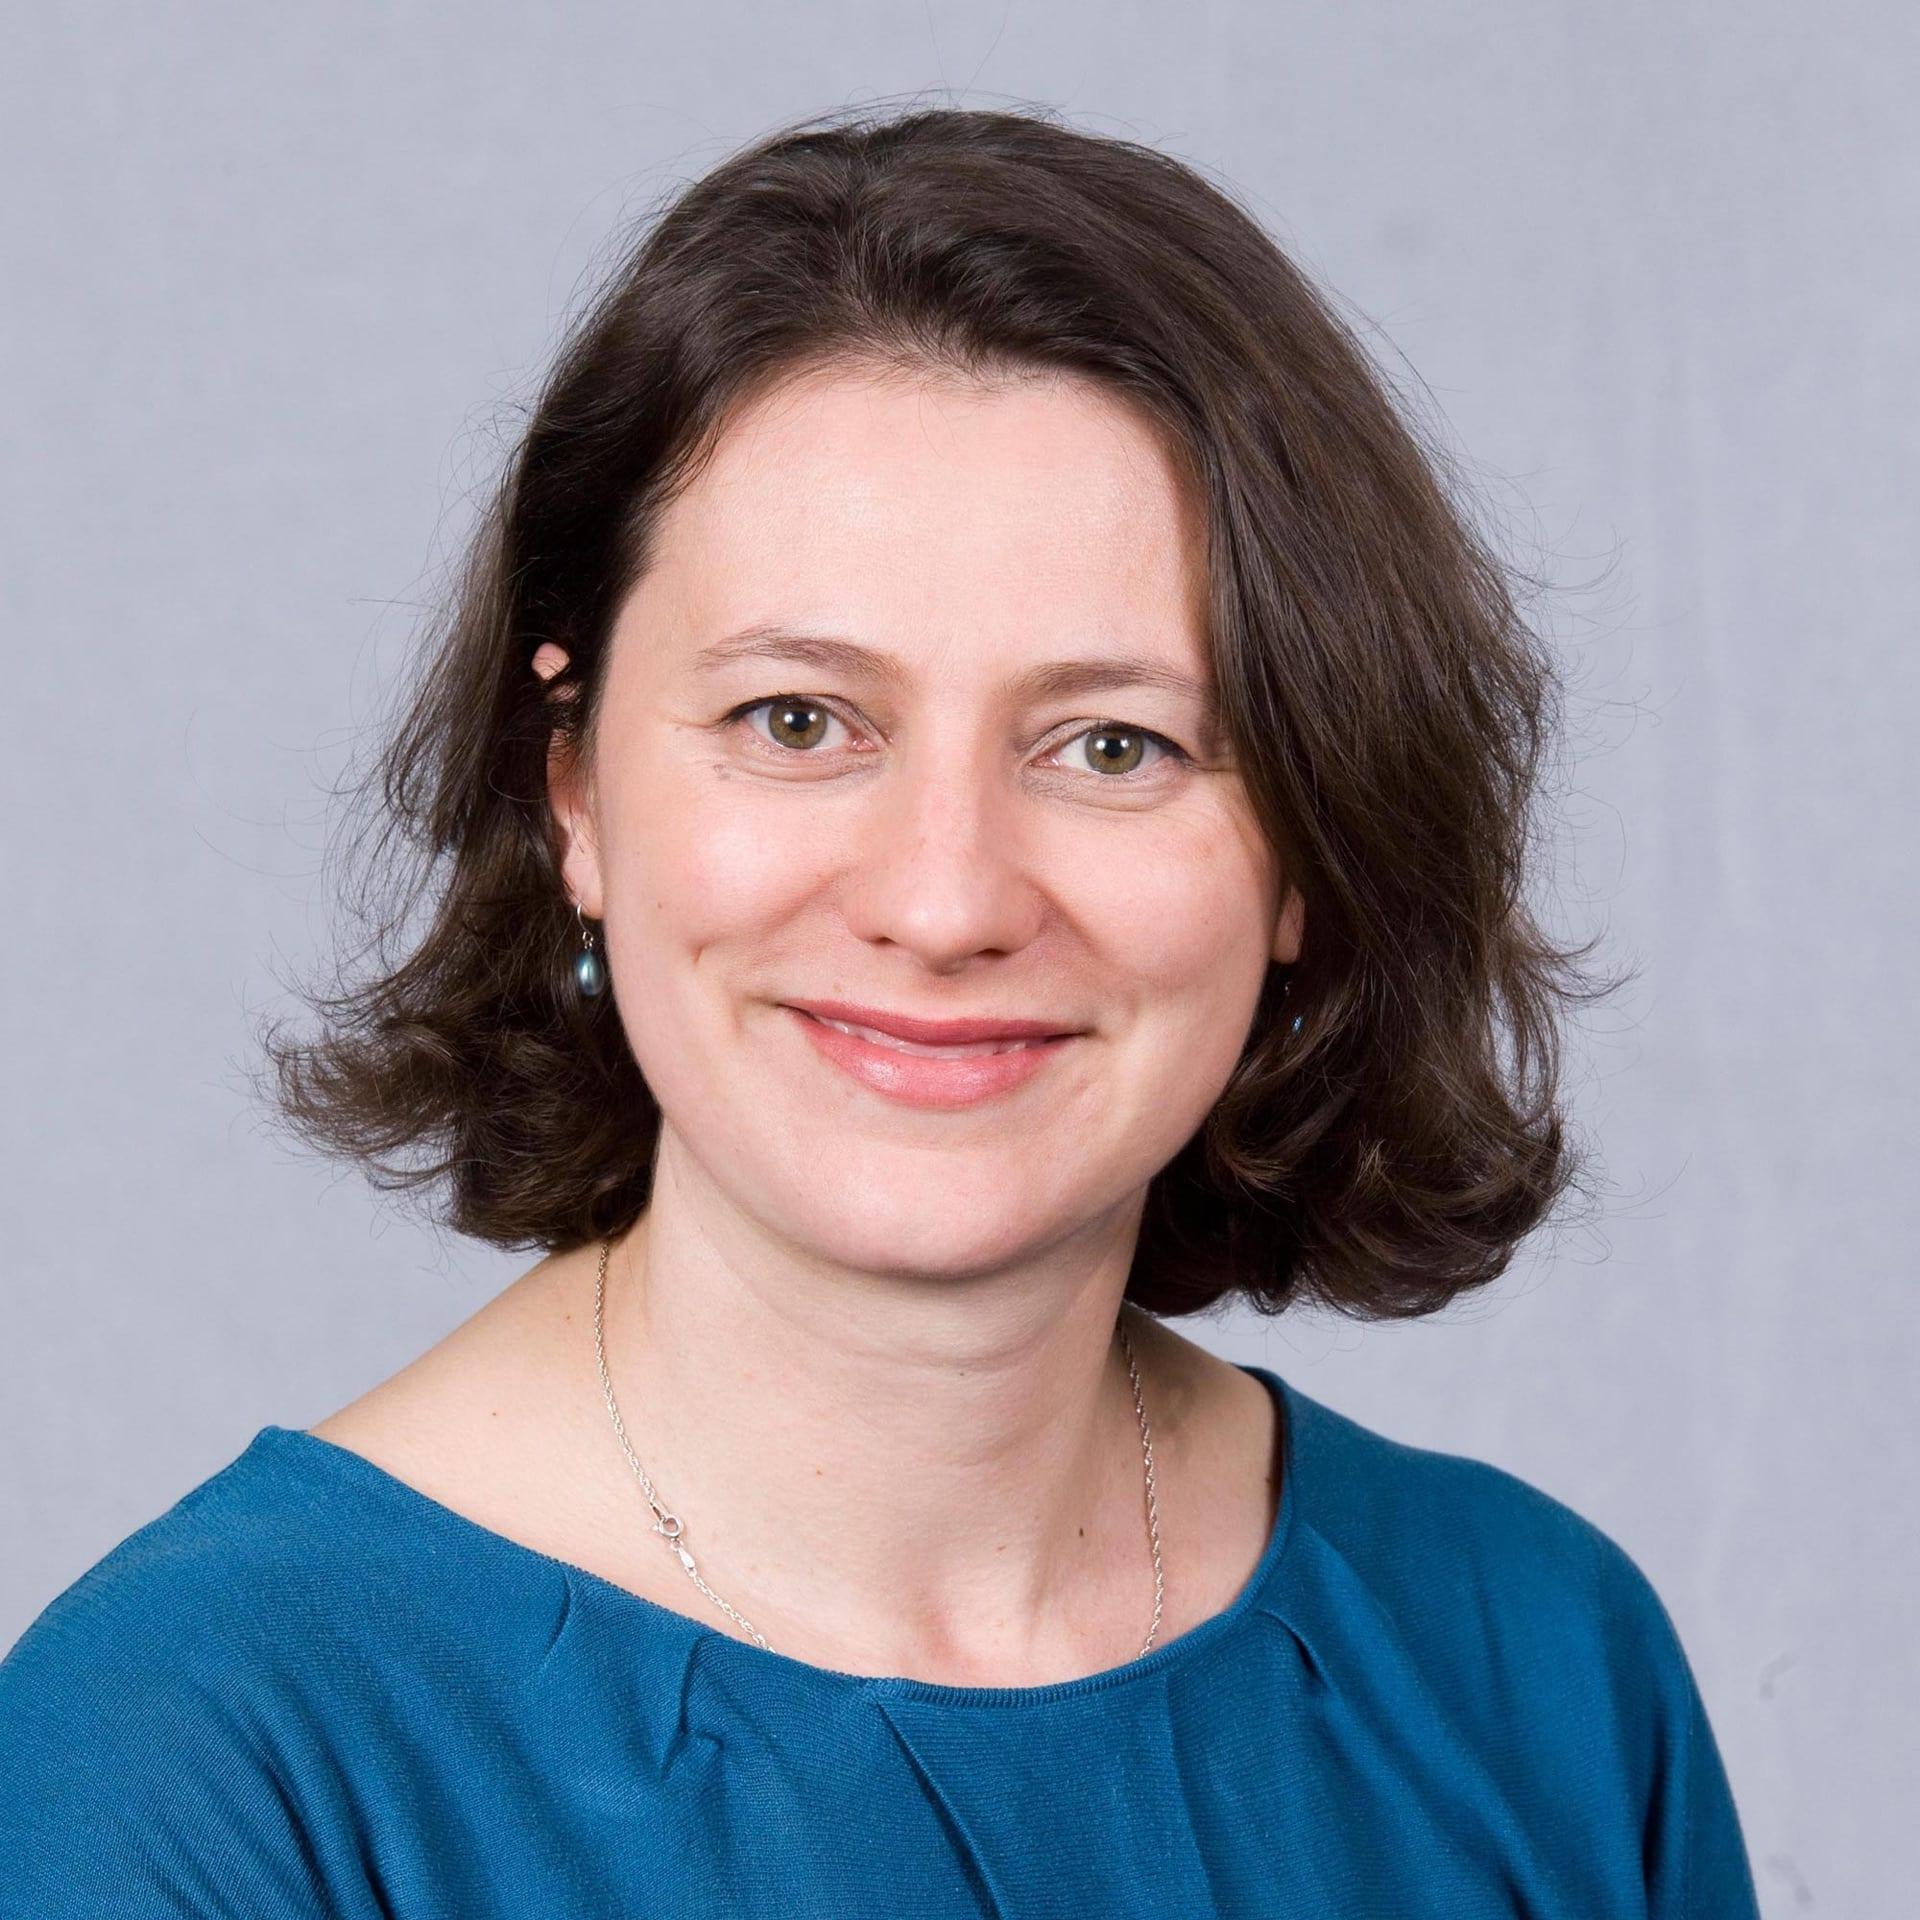 Jennifer Rosato